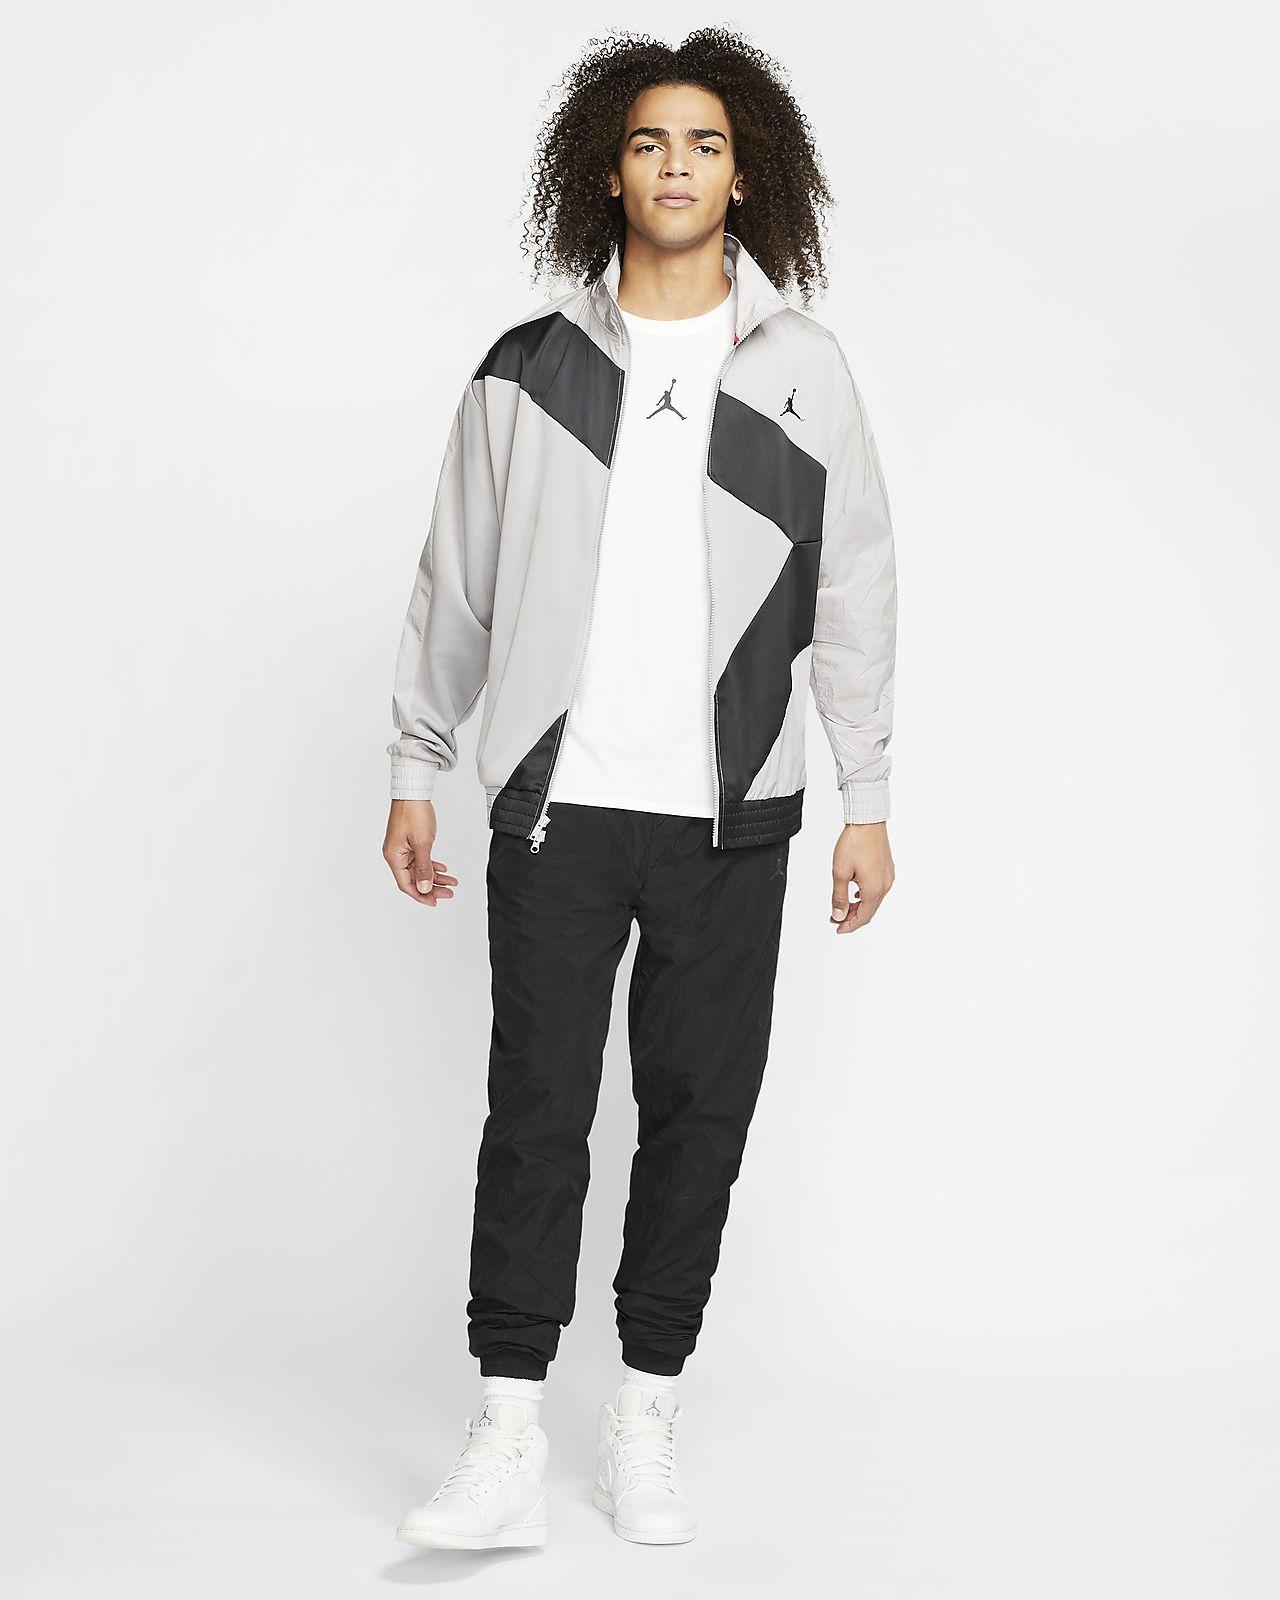 Nike Womens Sportswear Nike Sportswear Jacket Atmosphere Grey